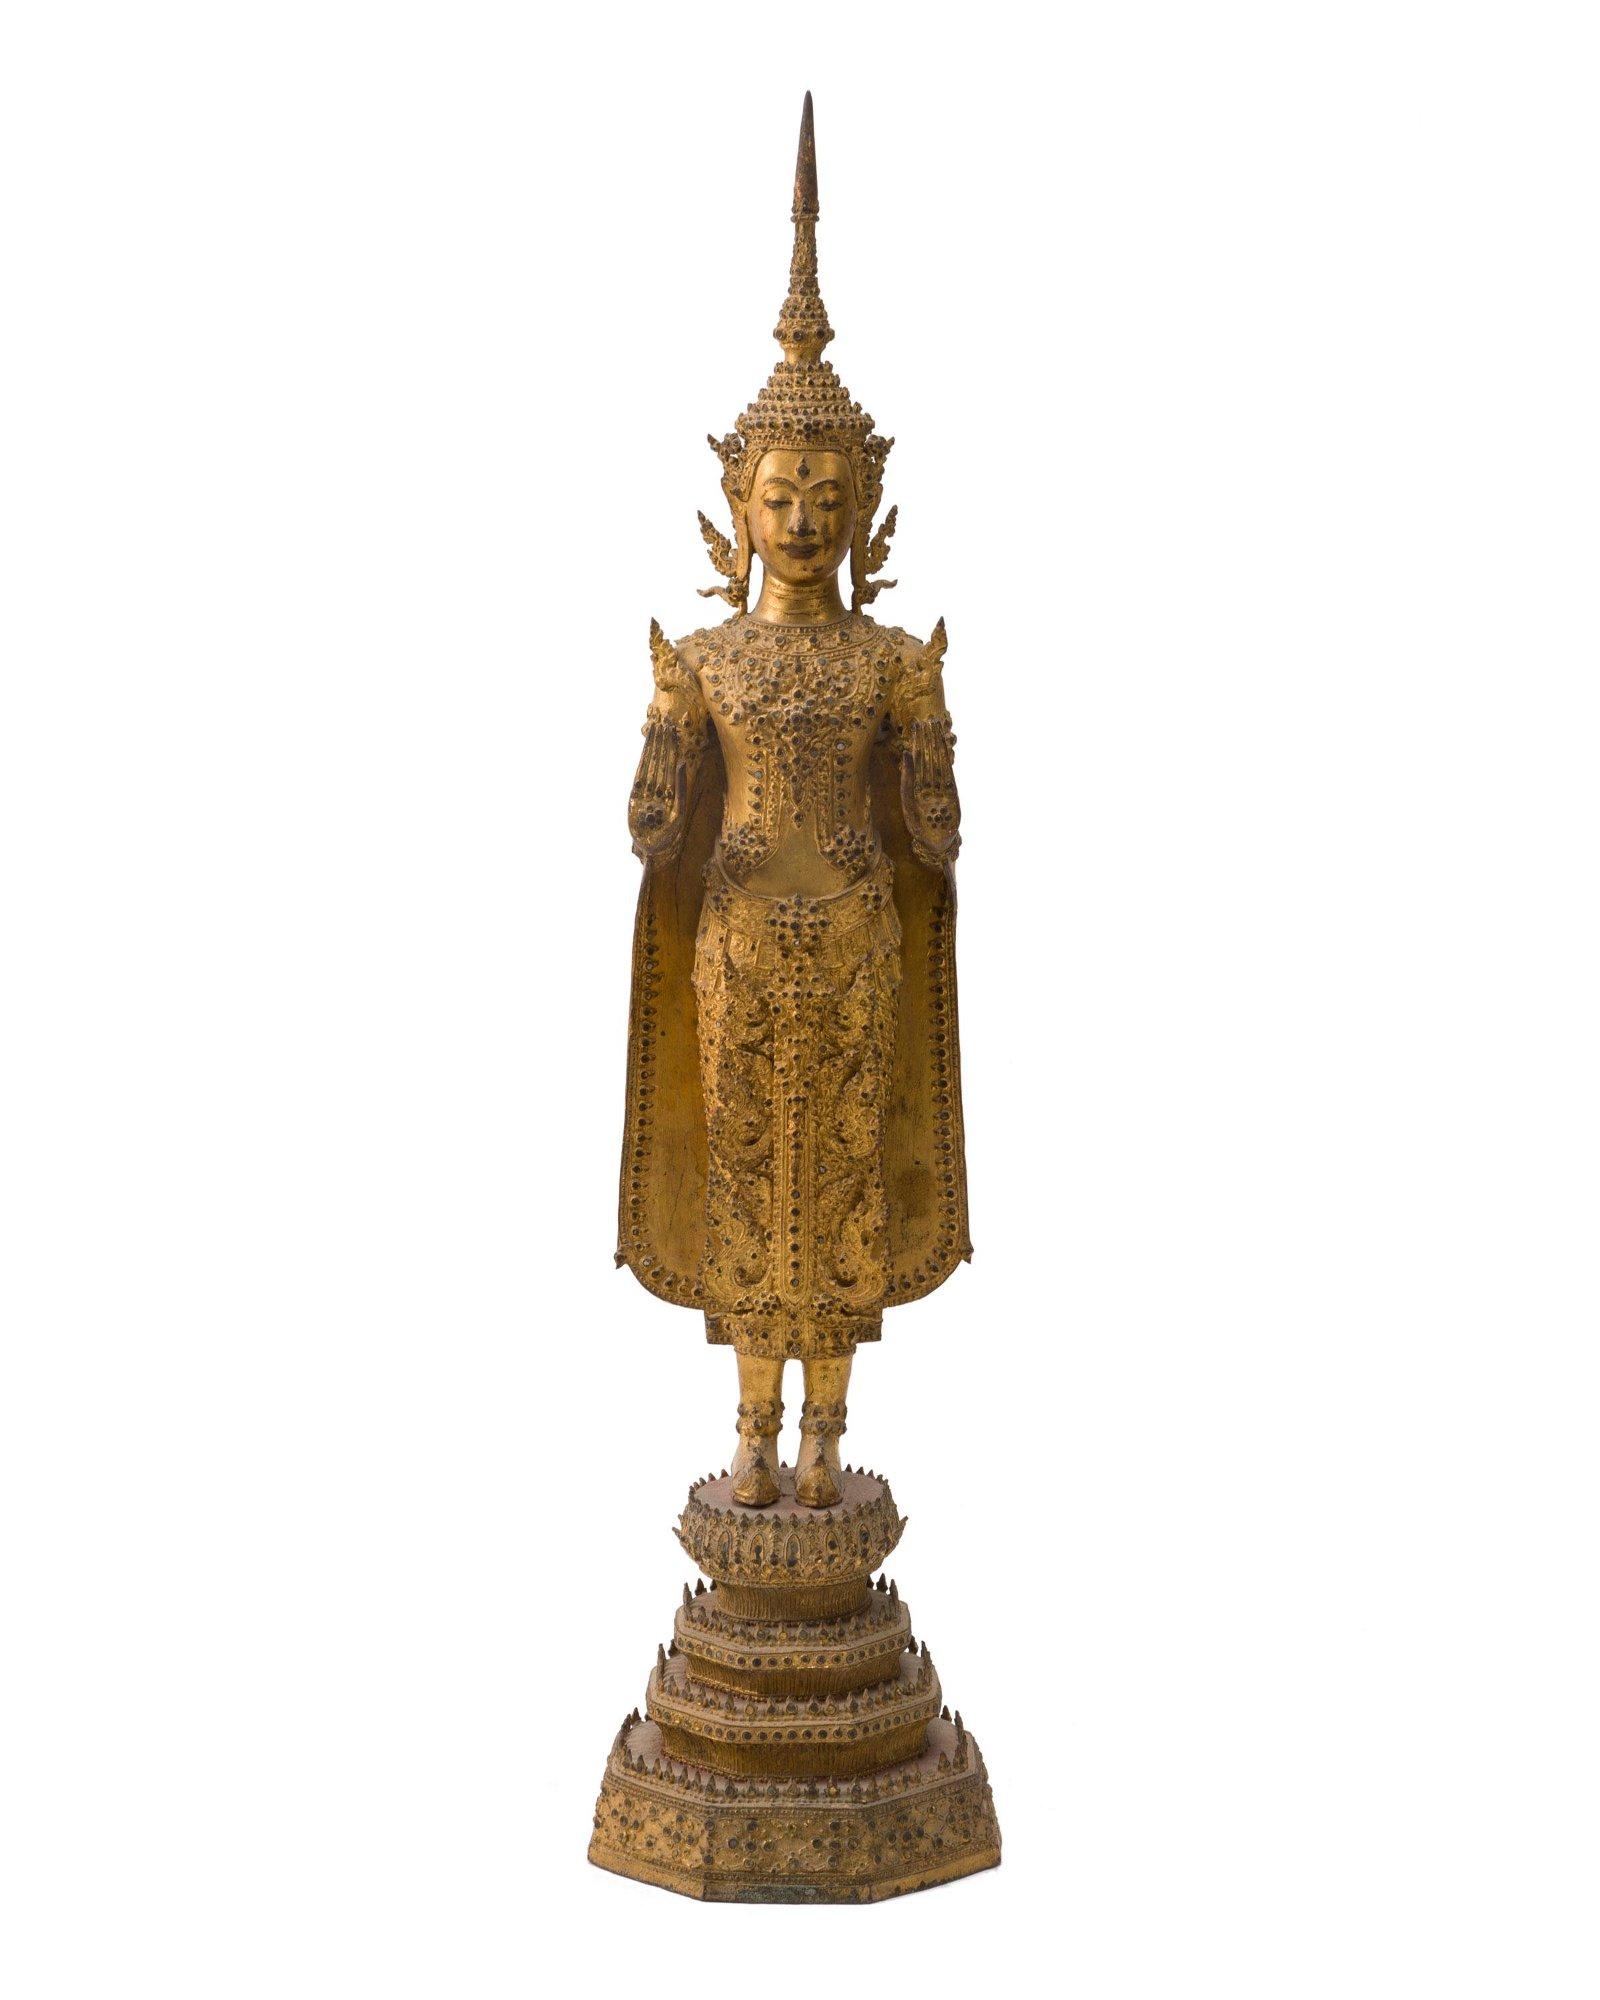 A Tibetan gilt-bronze figure